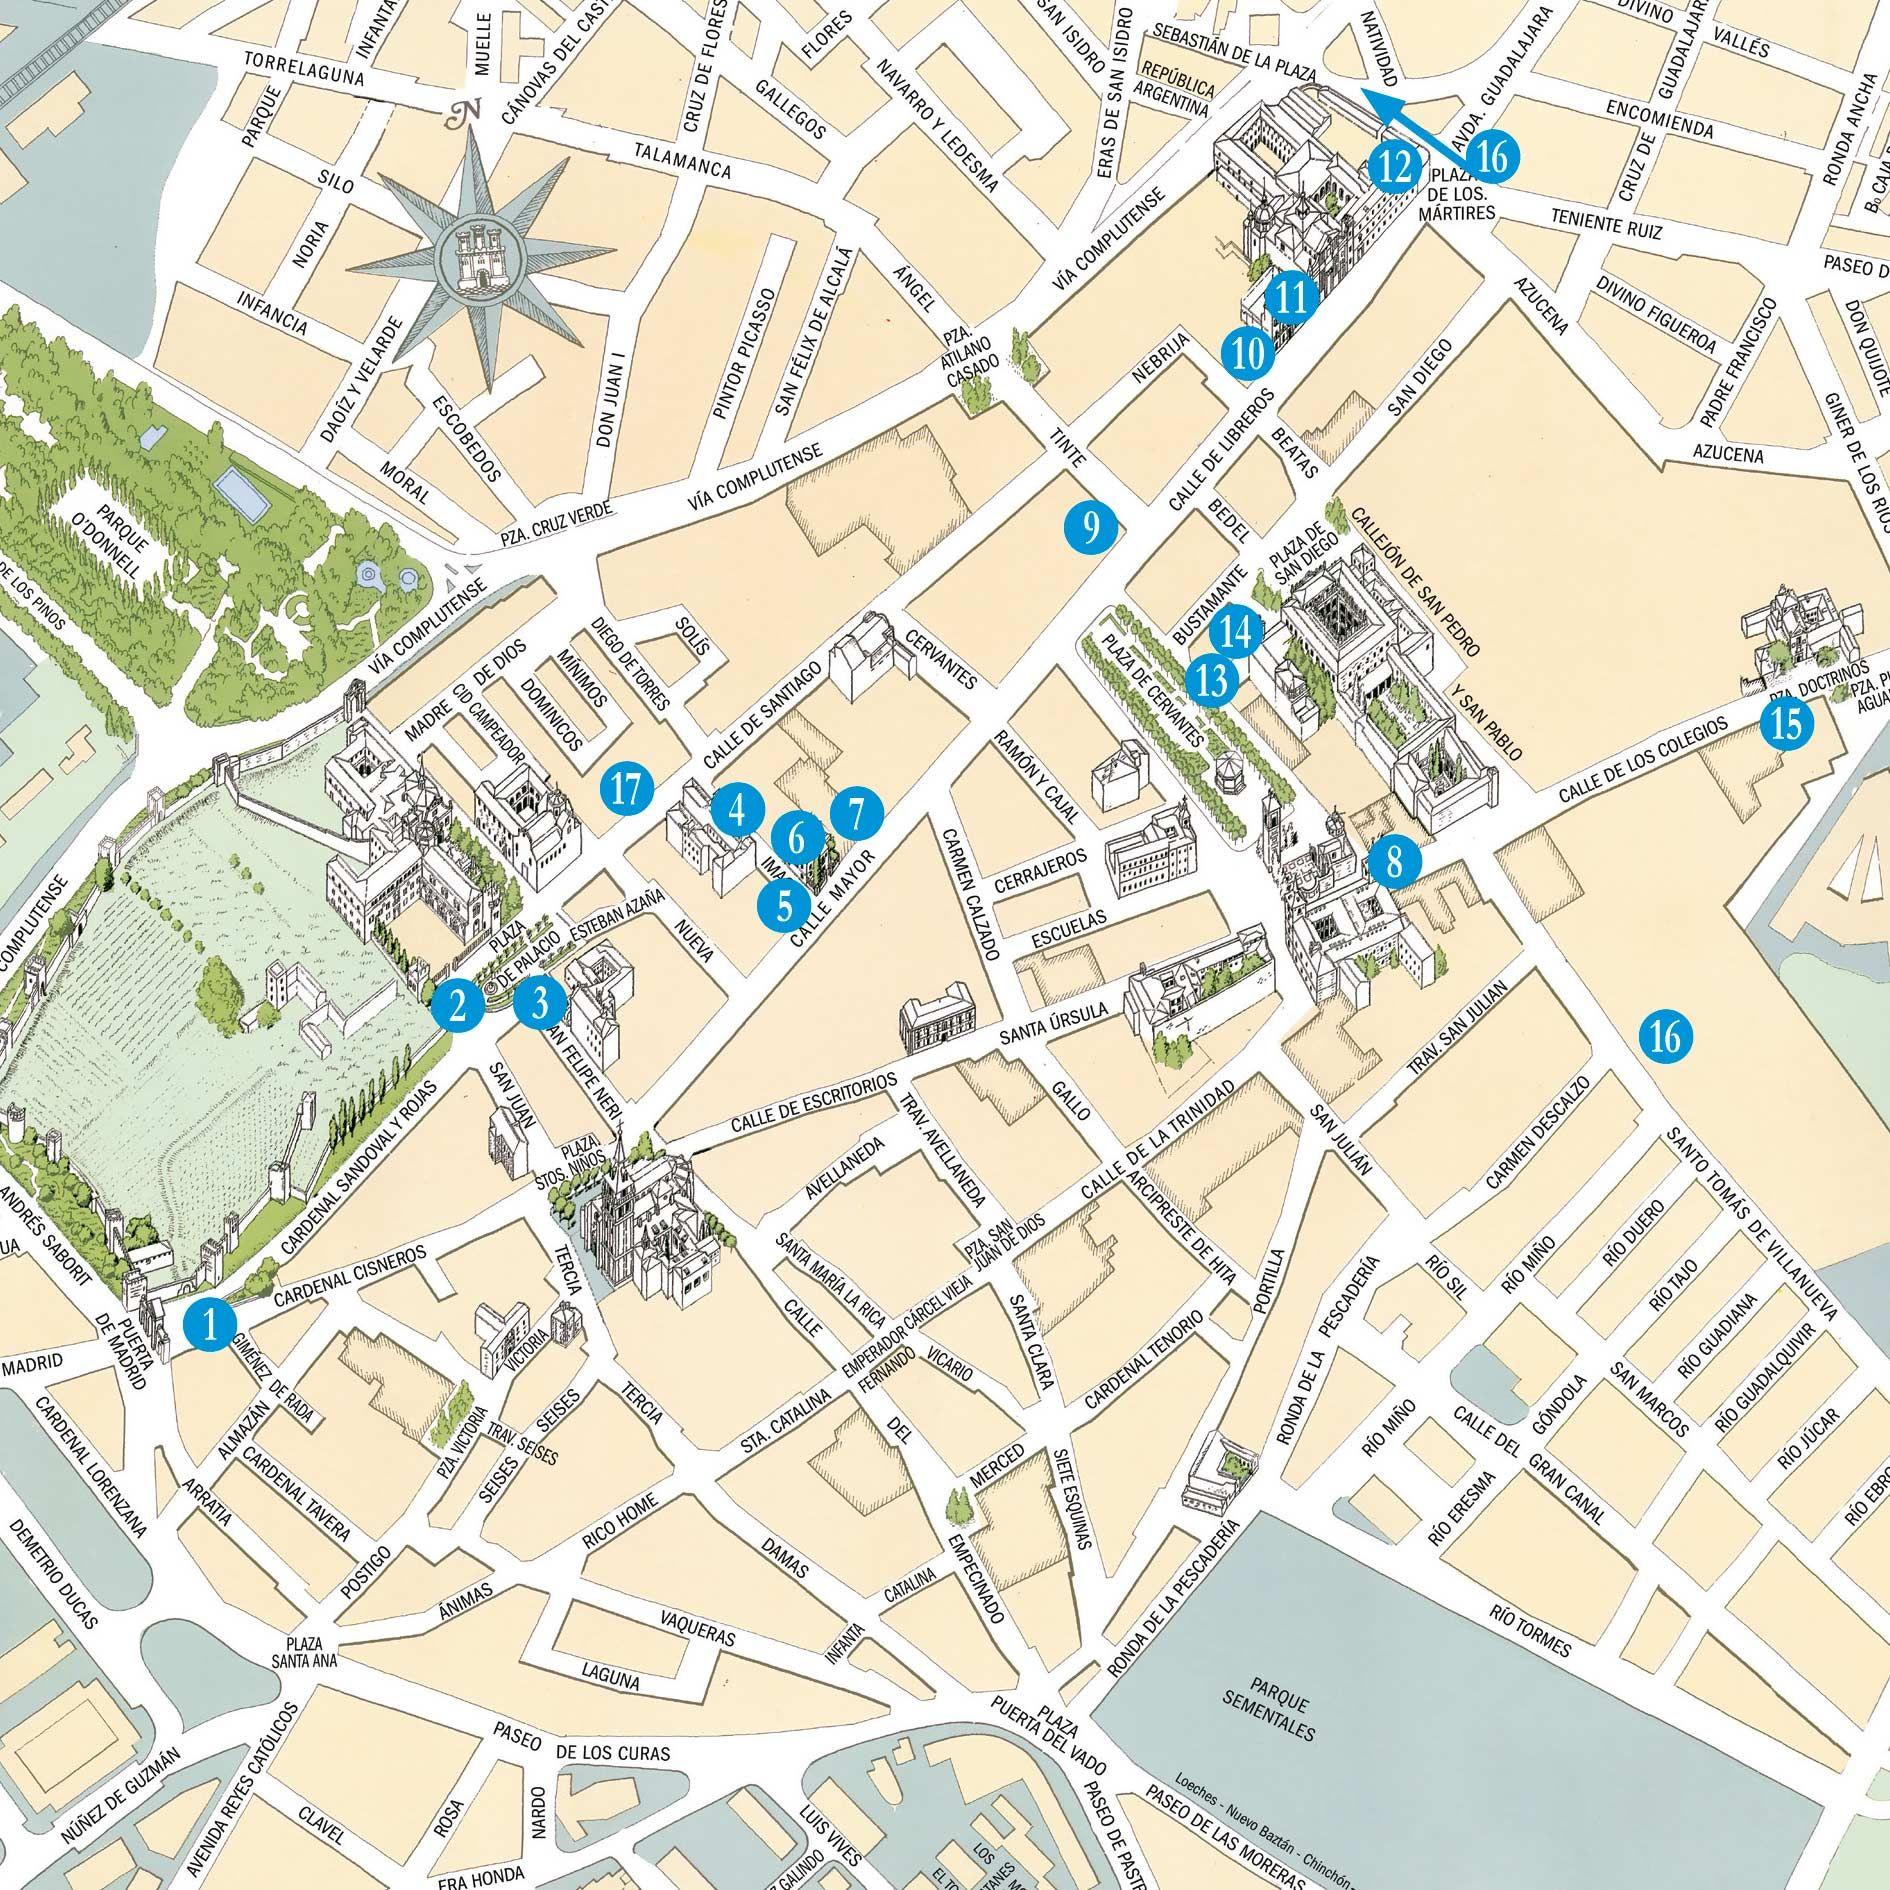 Mapa Alcala De Henares.Pin De Enrique Moraga En Alcala De Henares Alcala De